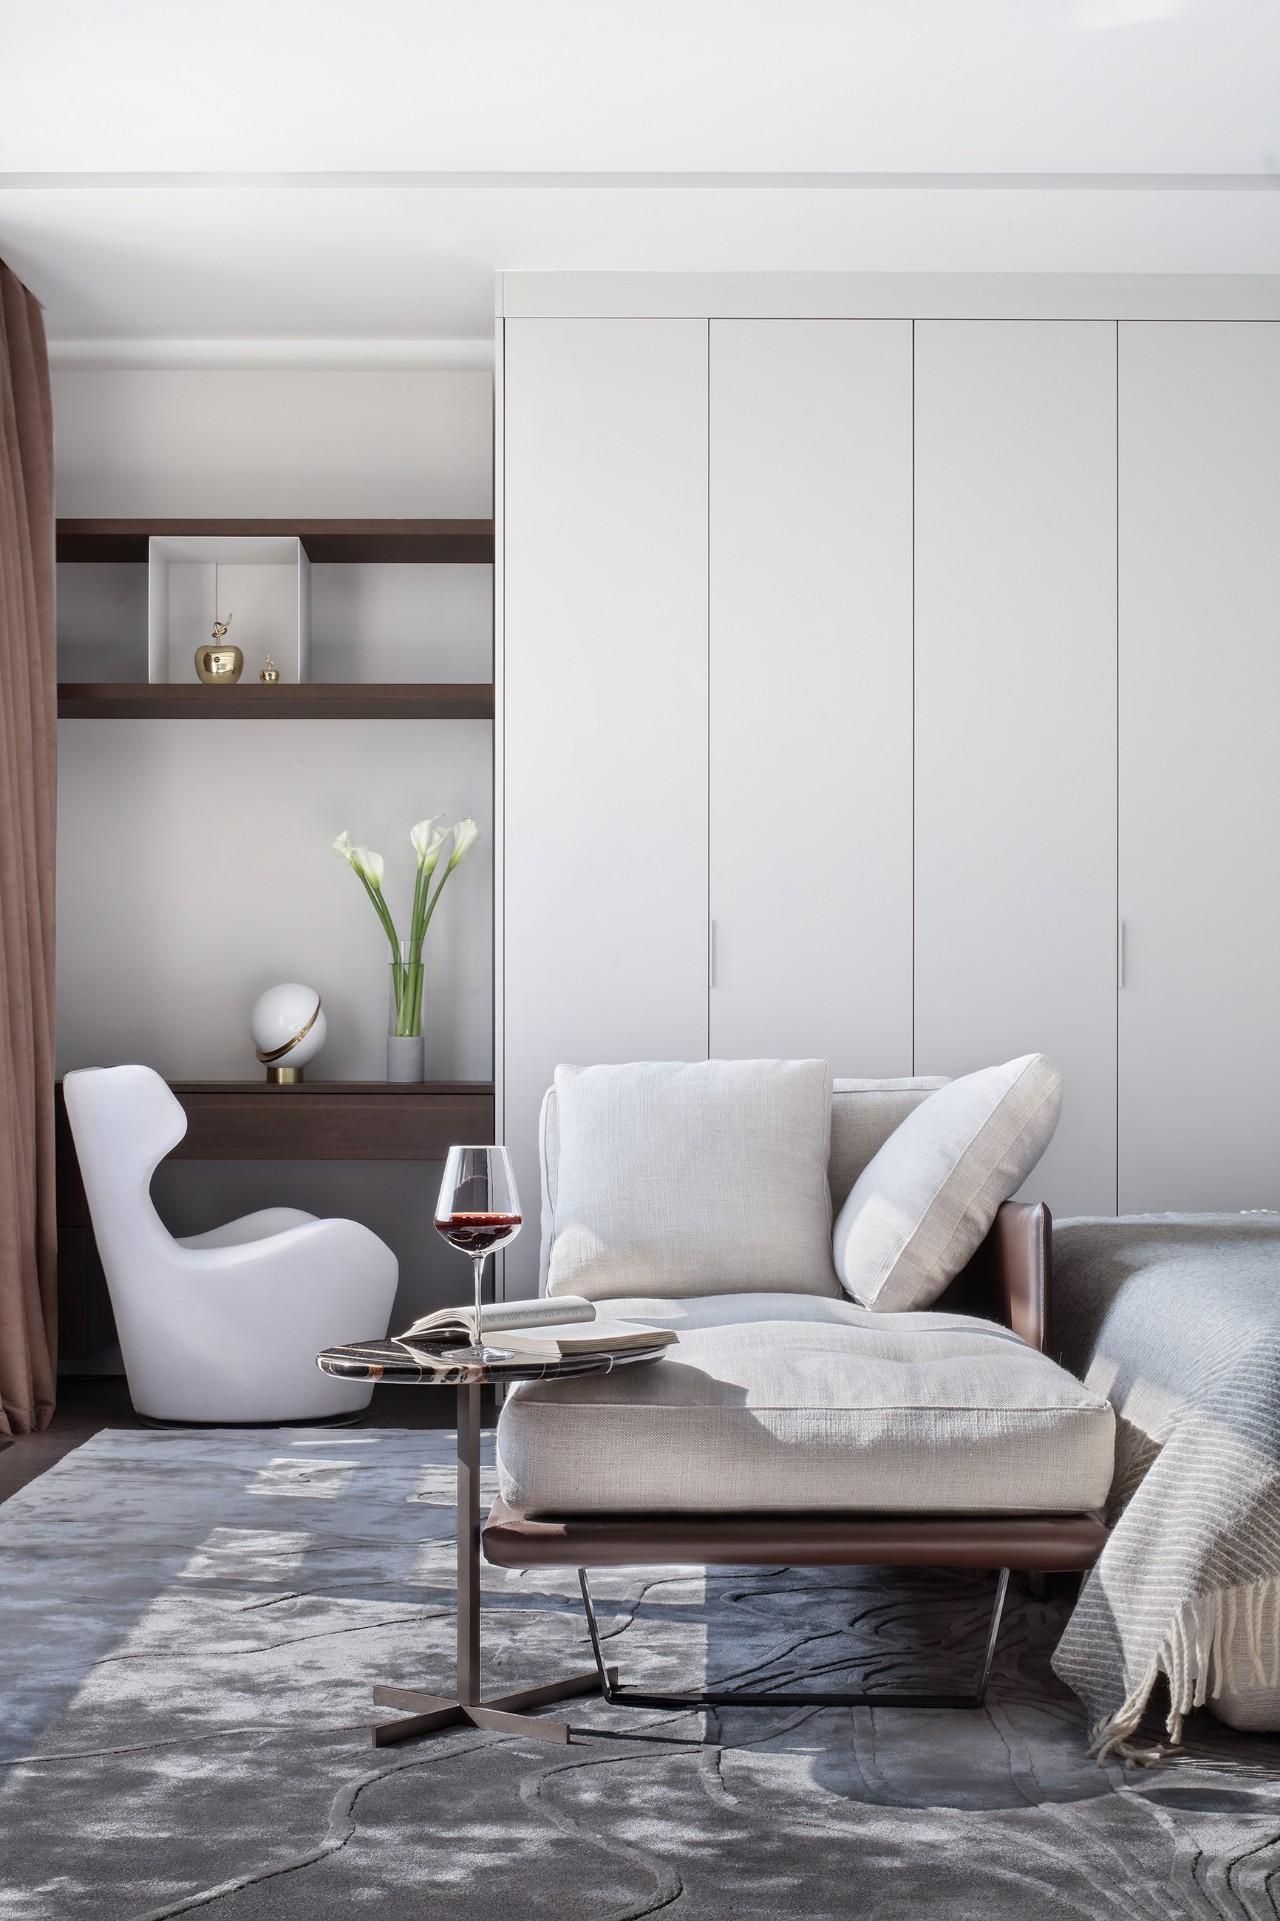 汤臣一品 豪宅装修 现代风格 腾龙设计 客厅图片来自腾龙设计在汤臣一品大平层项目设计的分享